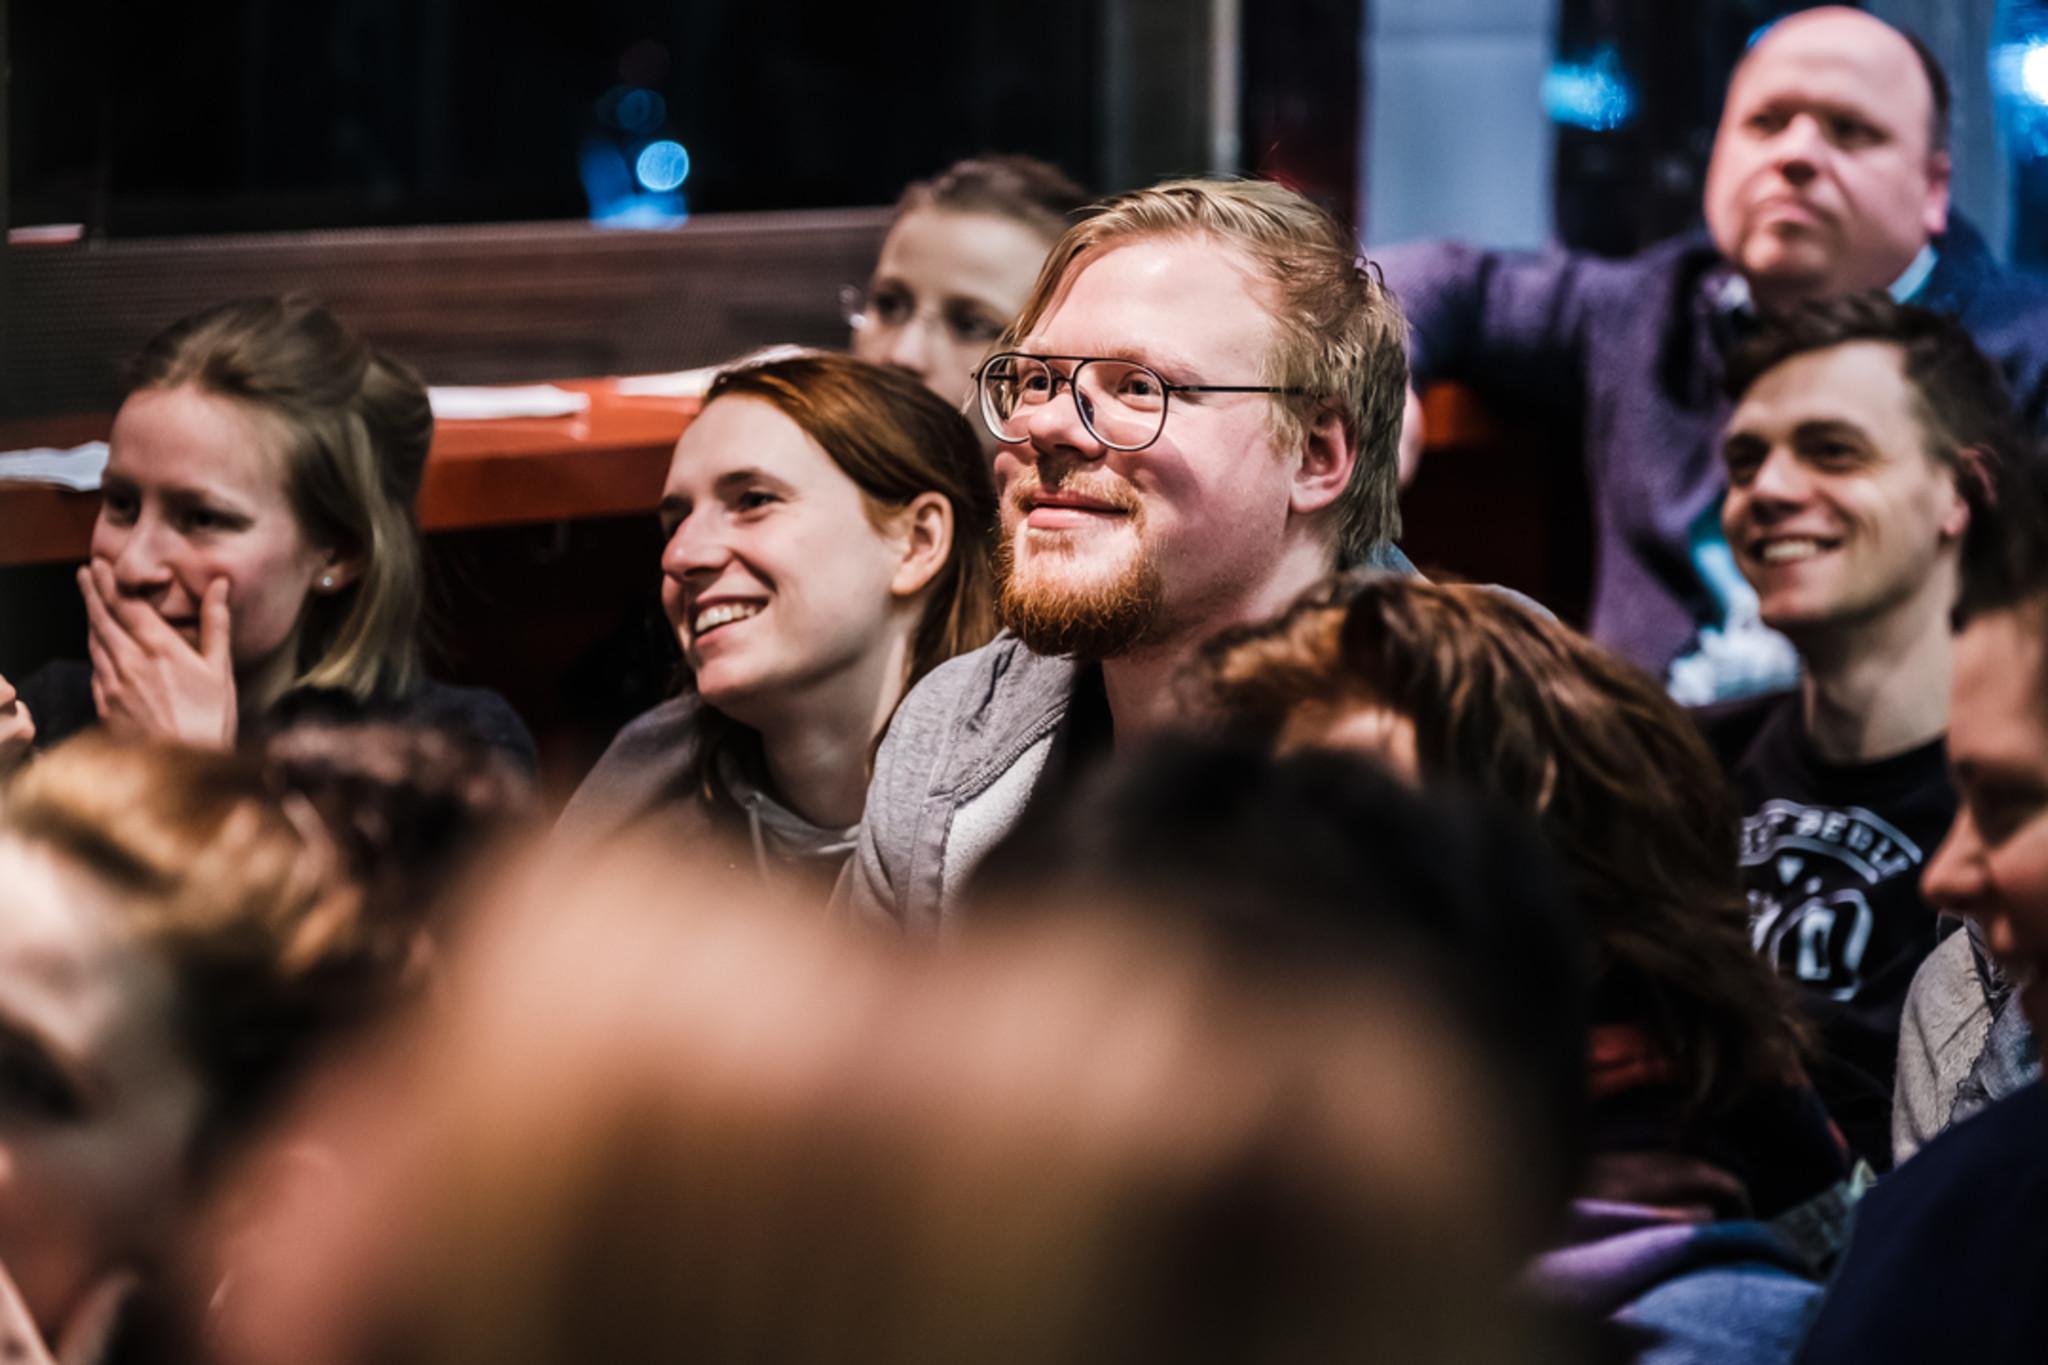 Blick in Zuschauerraum einer Veranstaltung der Sozialhelden. Personen lächeln und lachen.